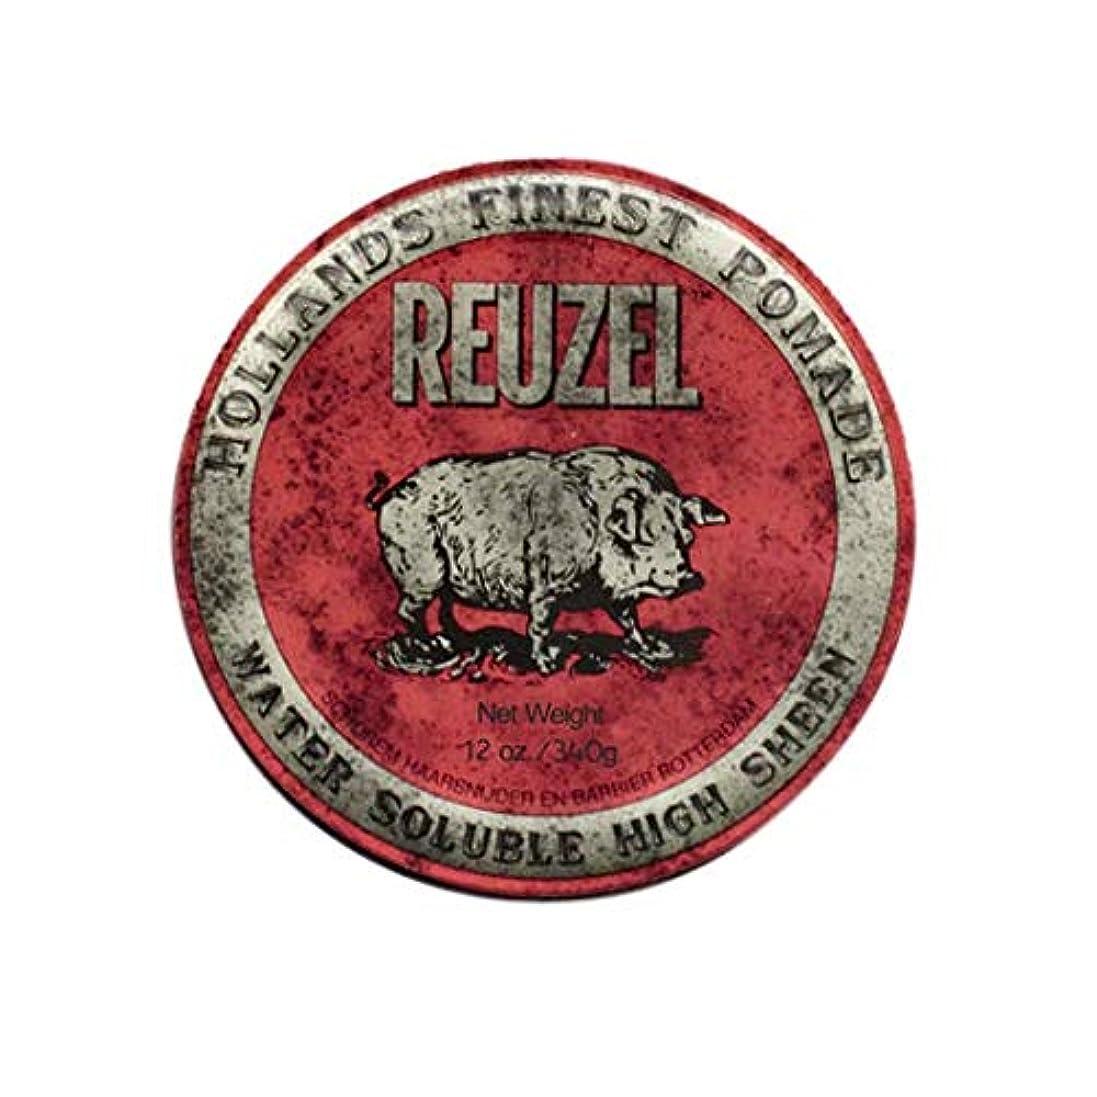 アパートチャンス禁止するルーゾー(REUZEL) ミディアムホールド レッド HIGH SHINE 340g